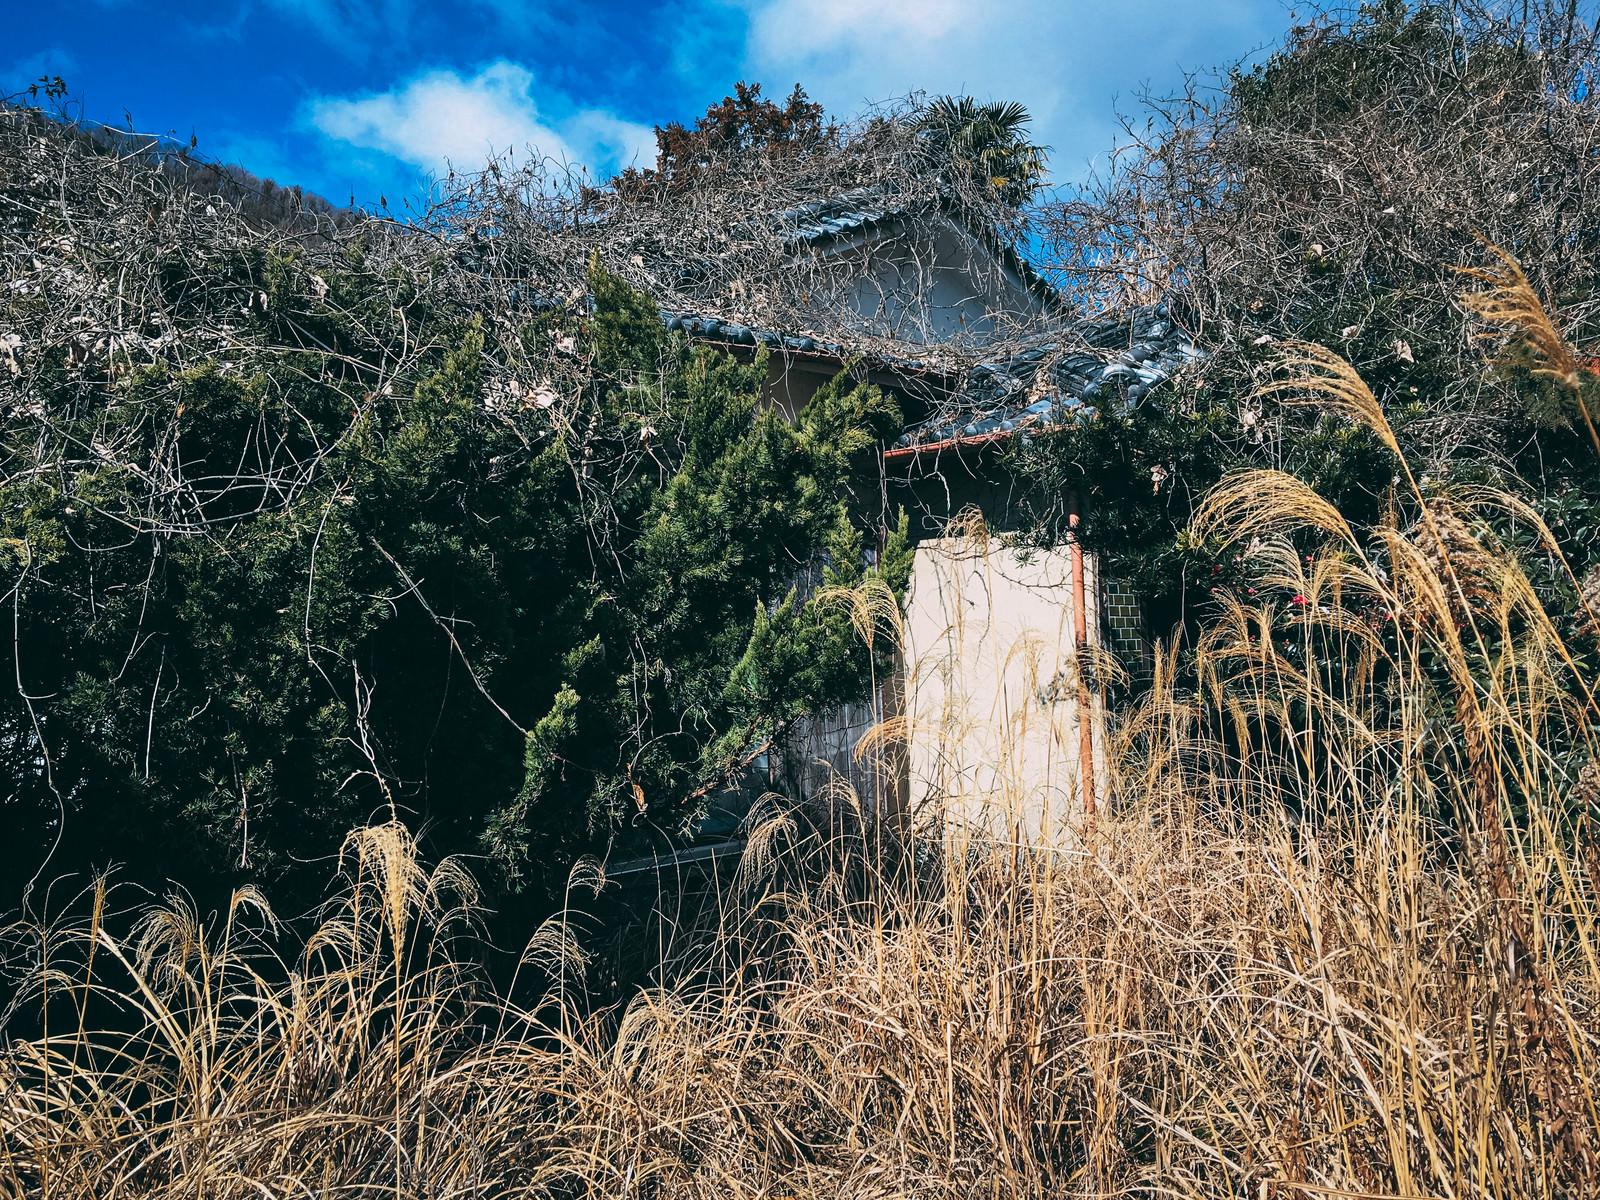 「雑草に覆われ踏み込むのも困難な廃屋」の写真